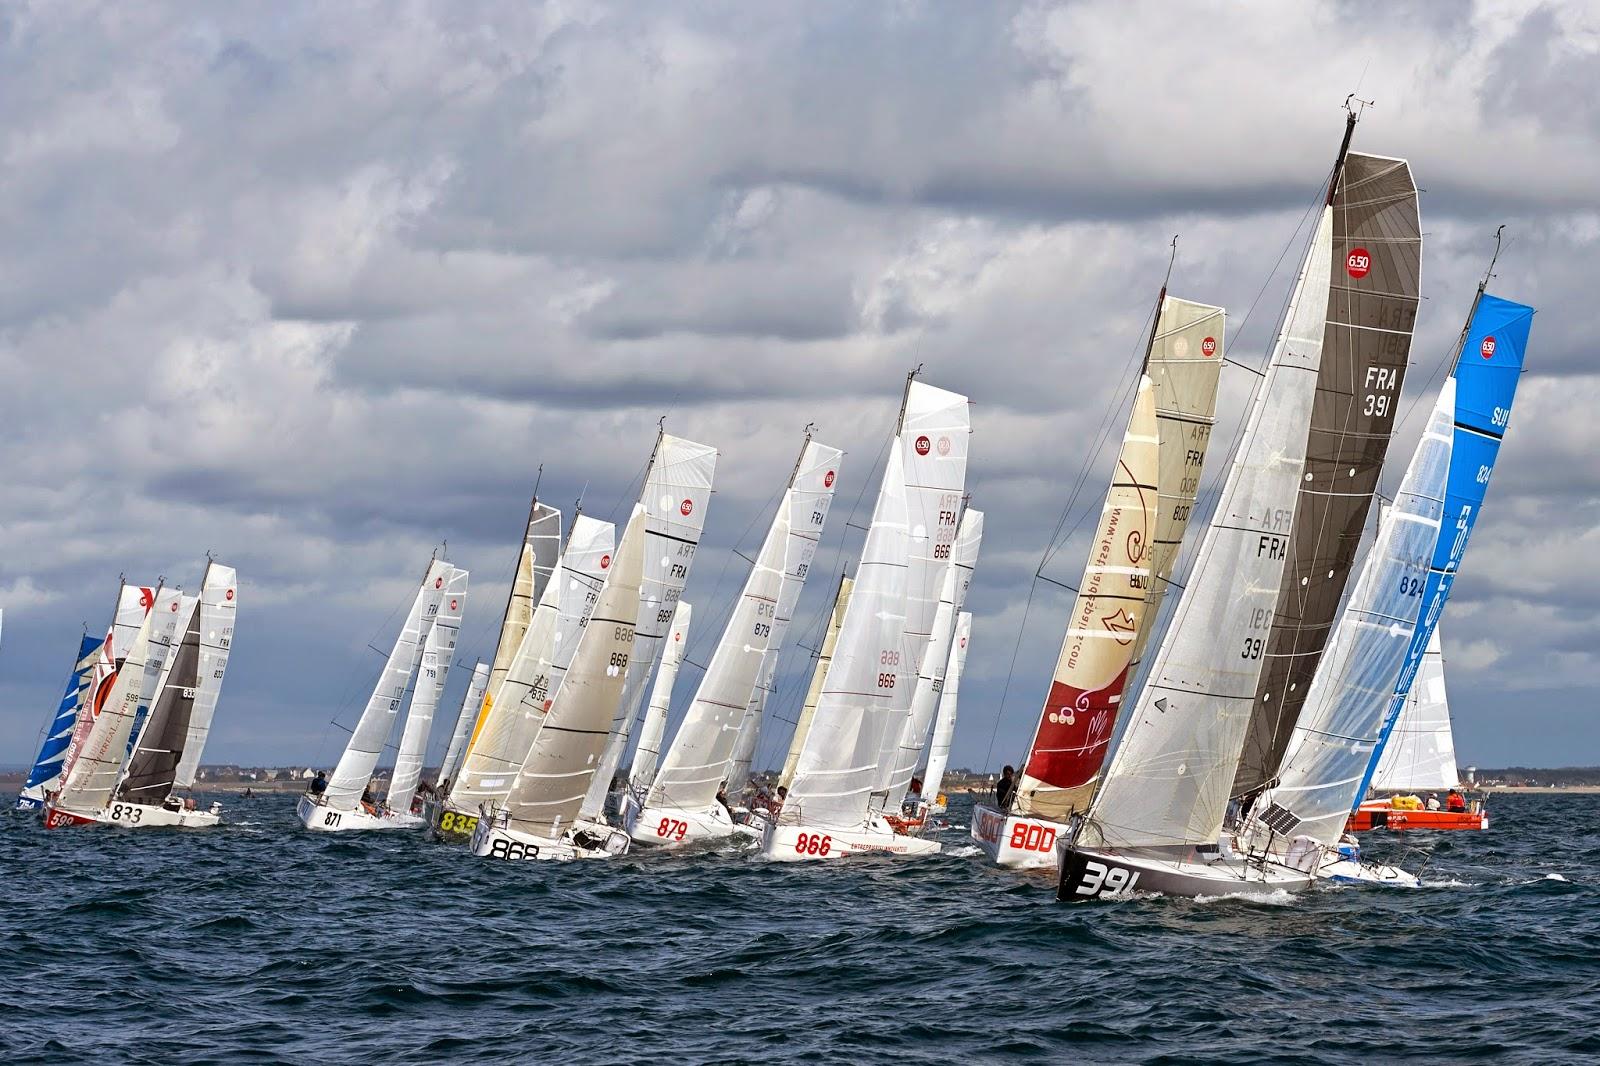 La flotte de la Lorient BSM au départ.